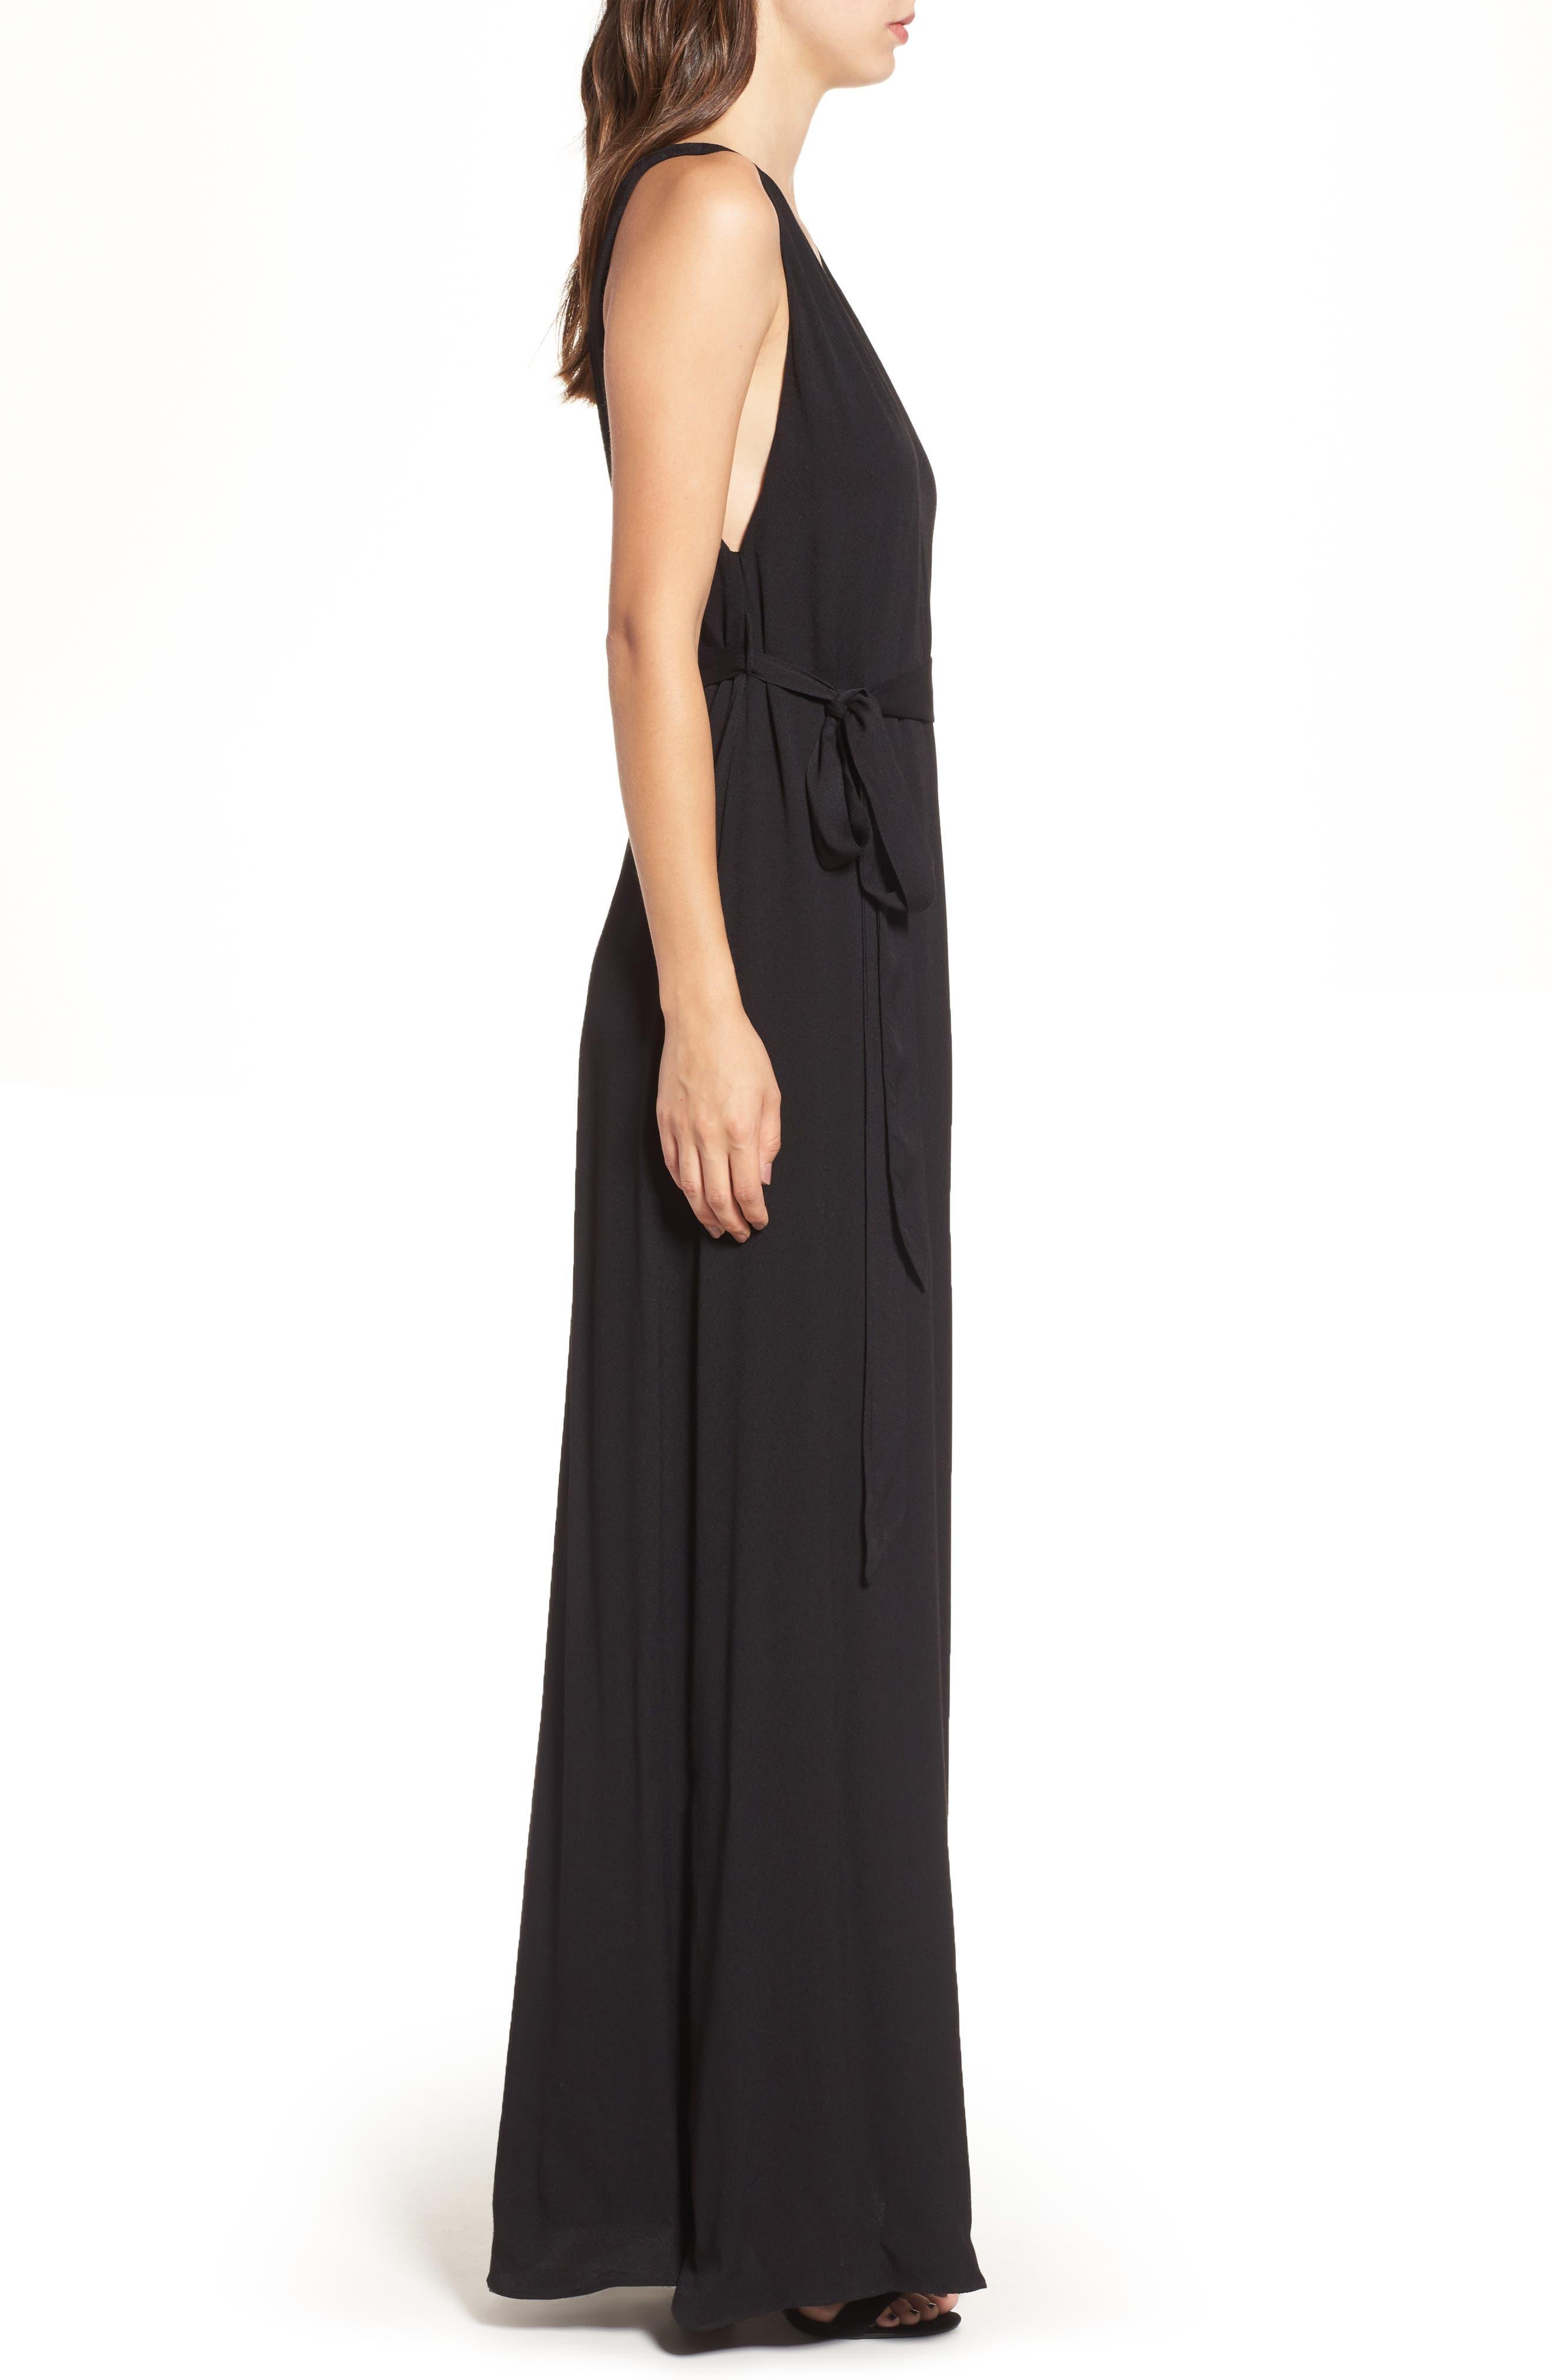 Rowan Maxi Dress,                             Alternate thumbnail 3, color,                             001